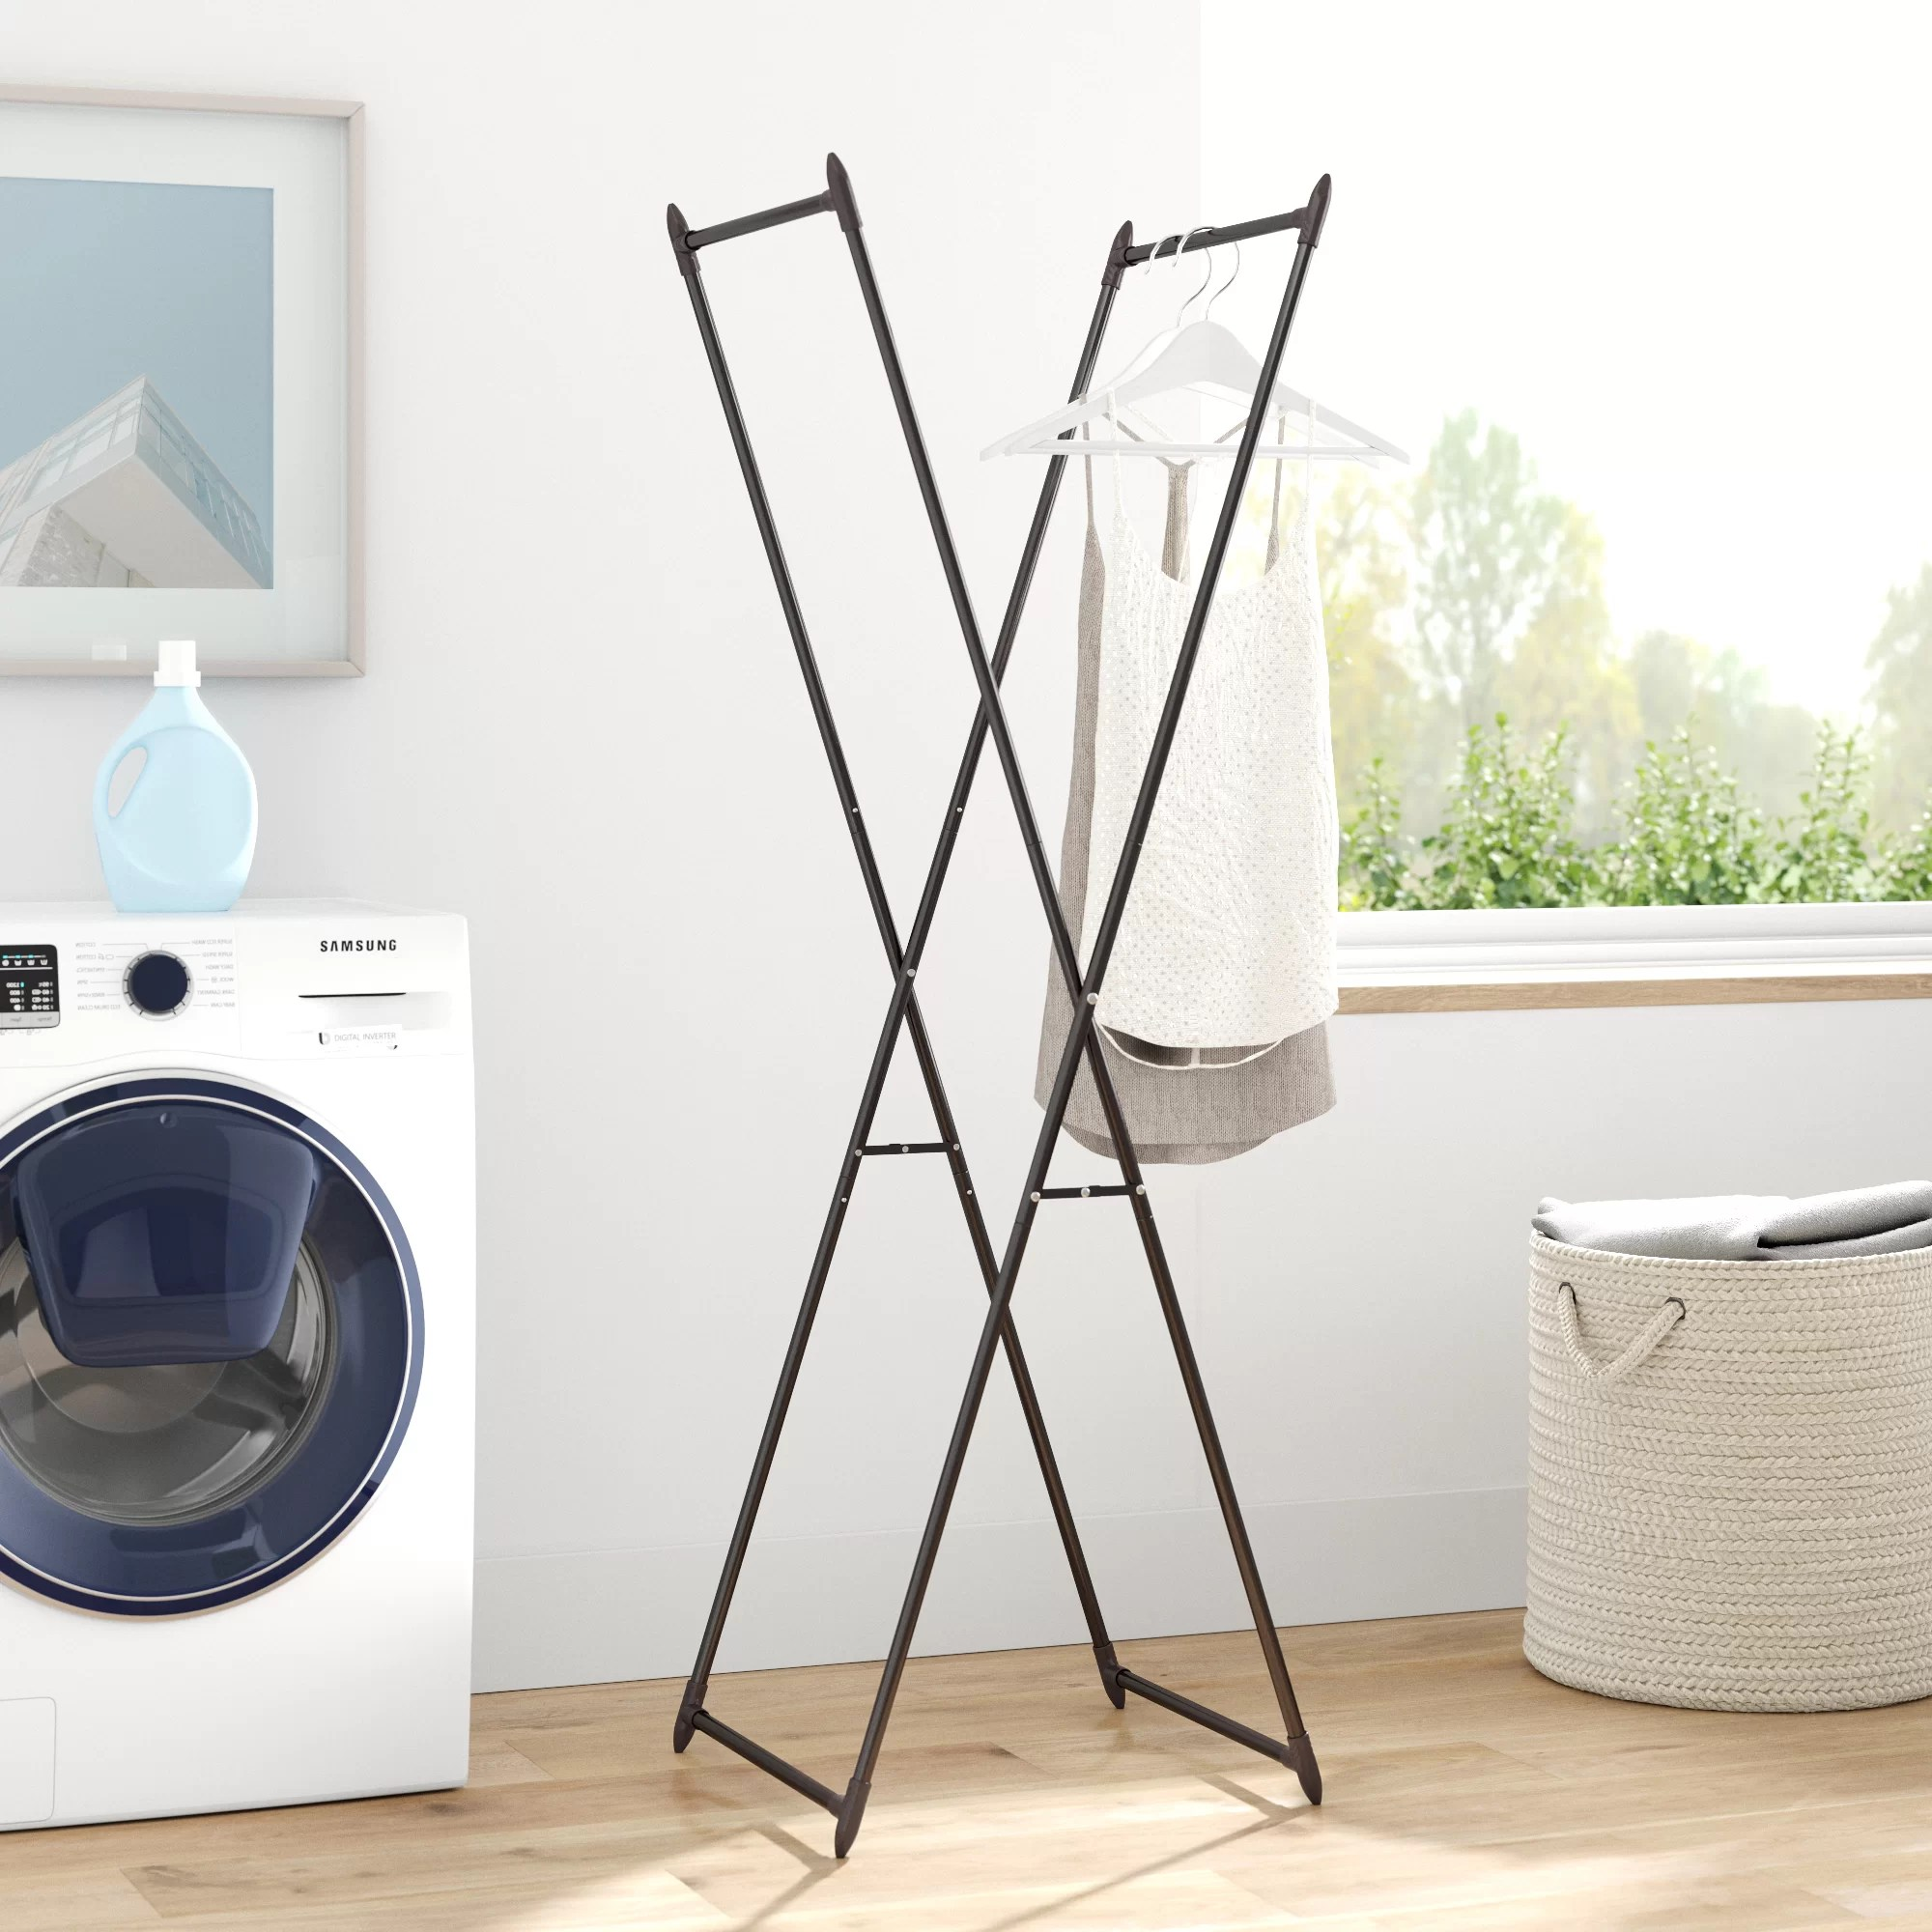 valet folding drying rack